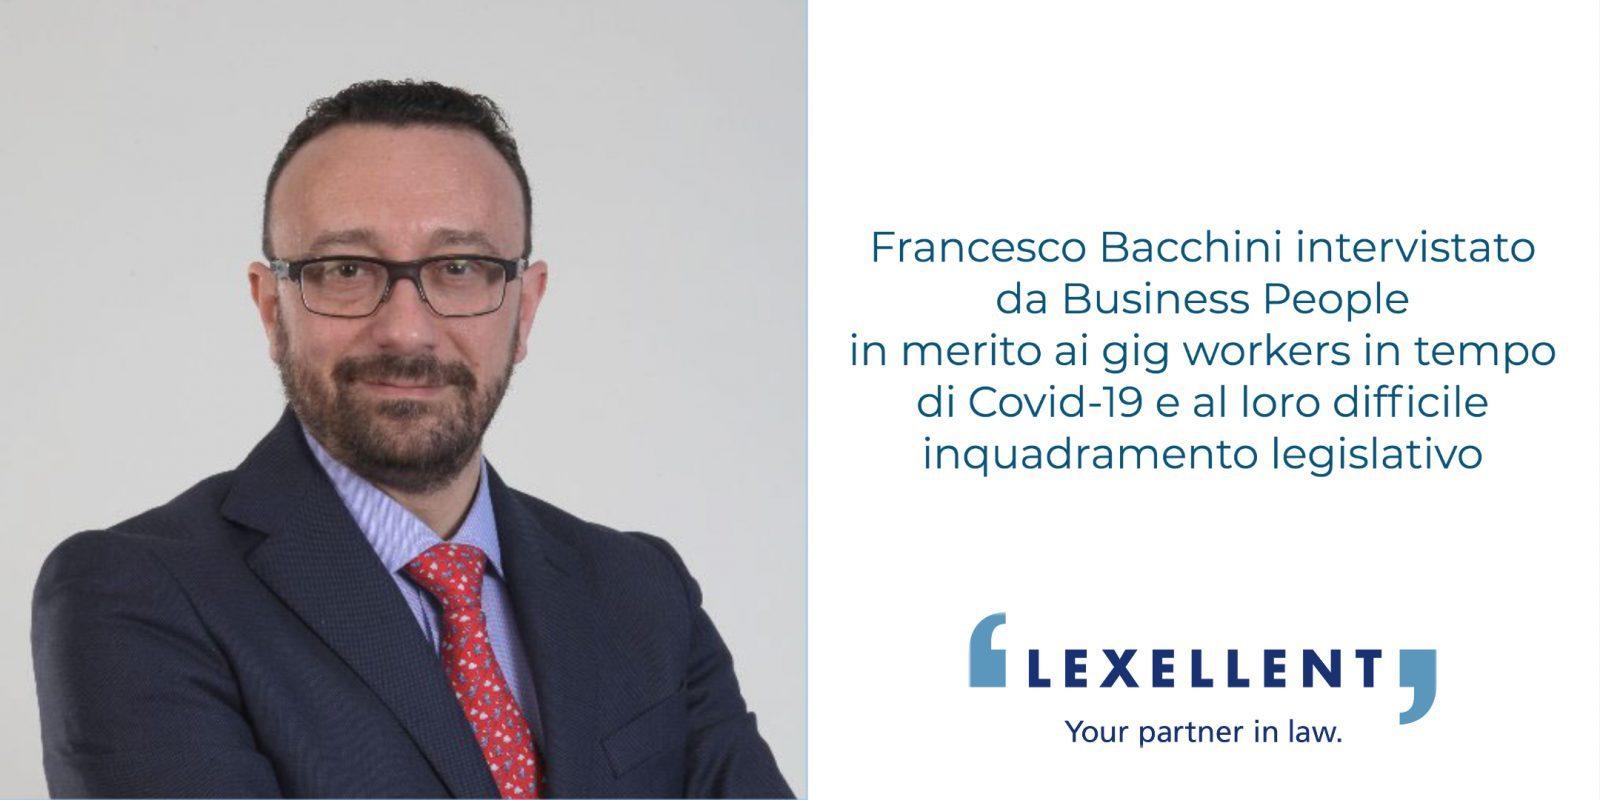 Gli ultimi ora sono i primi – Francesco Bacchini su Business People